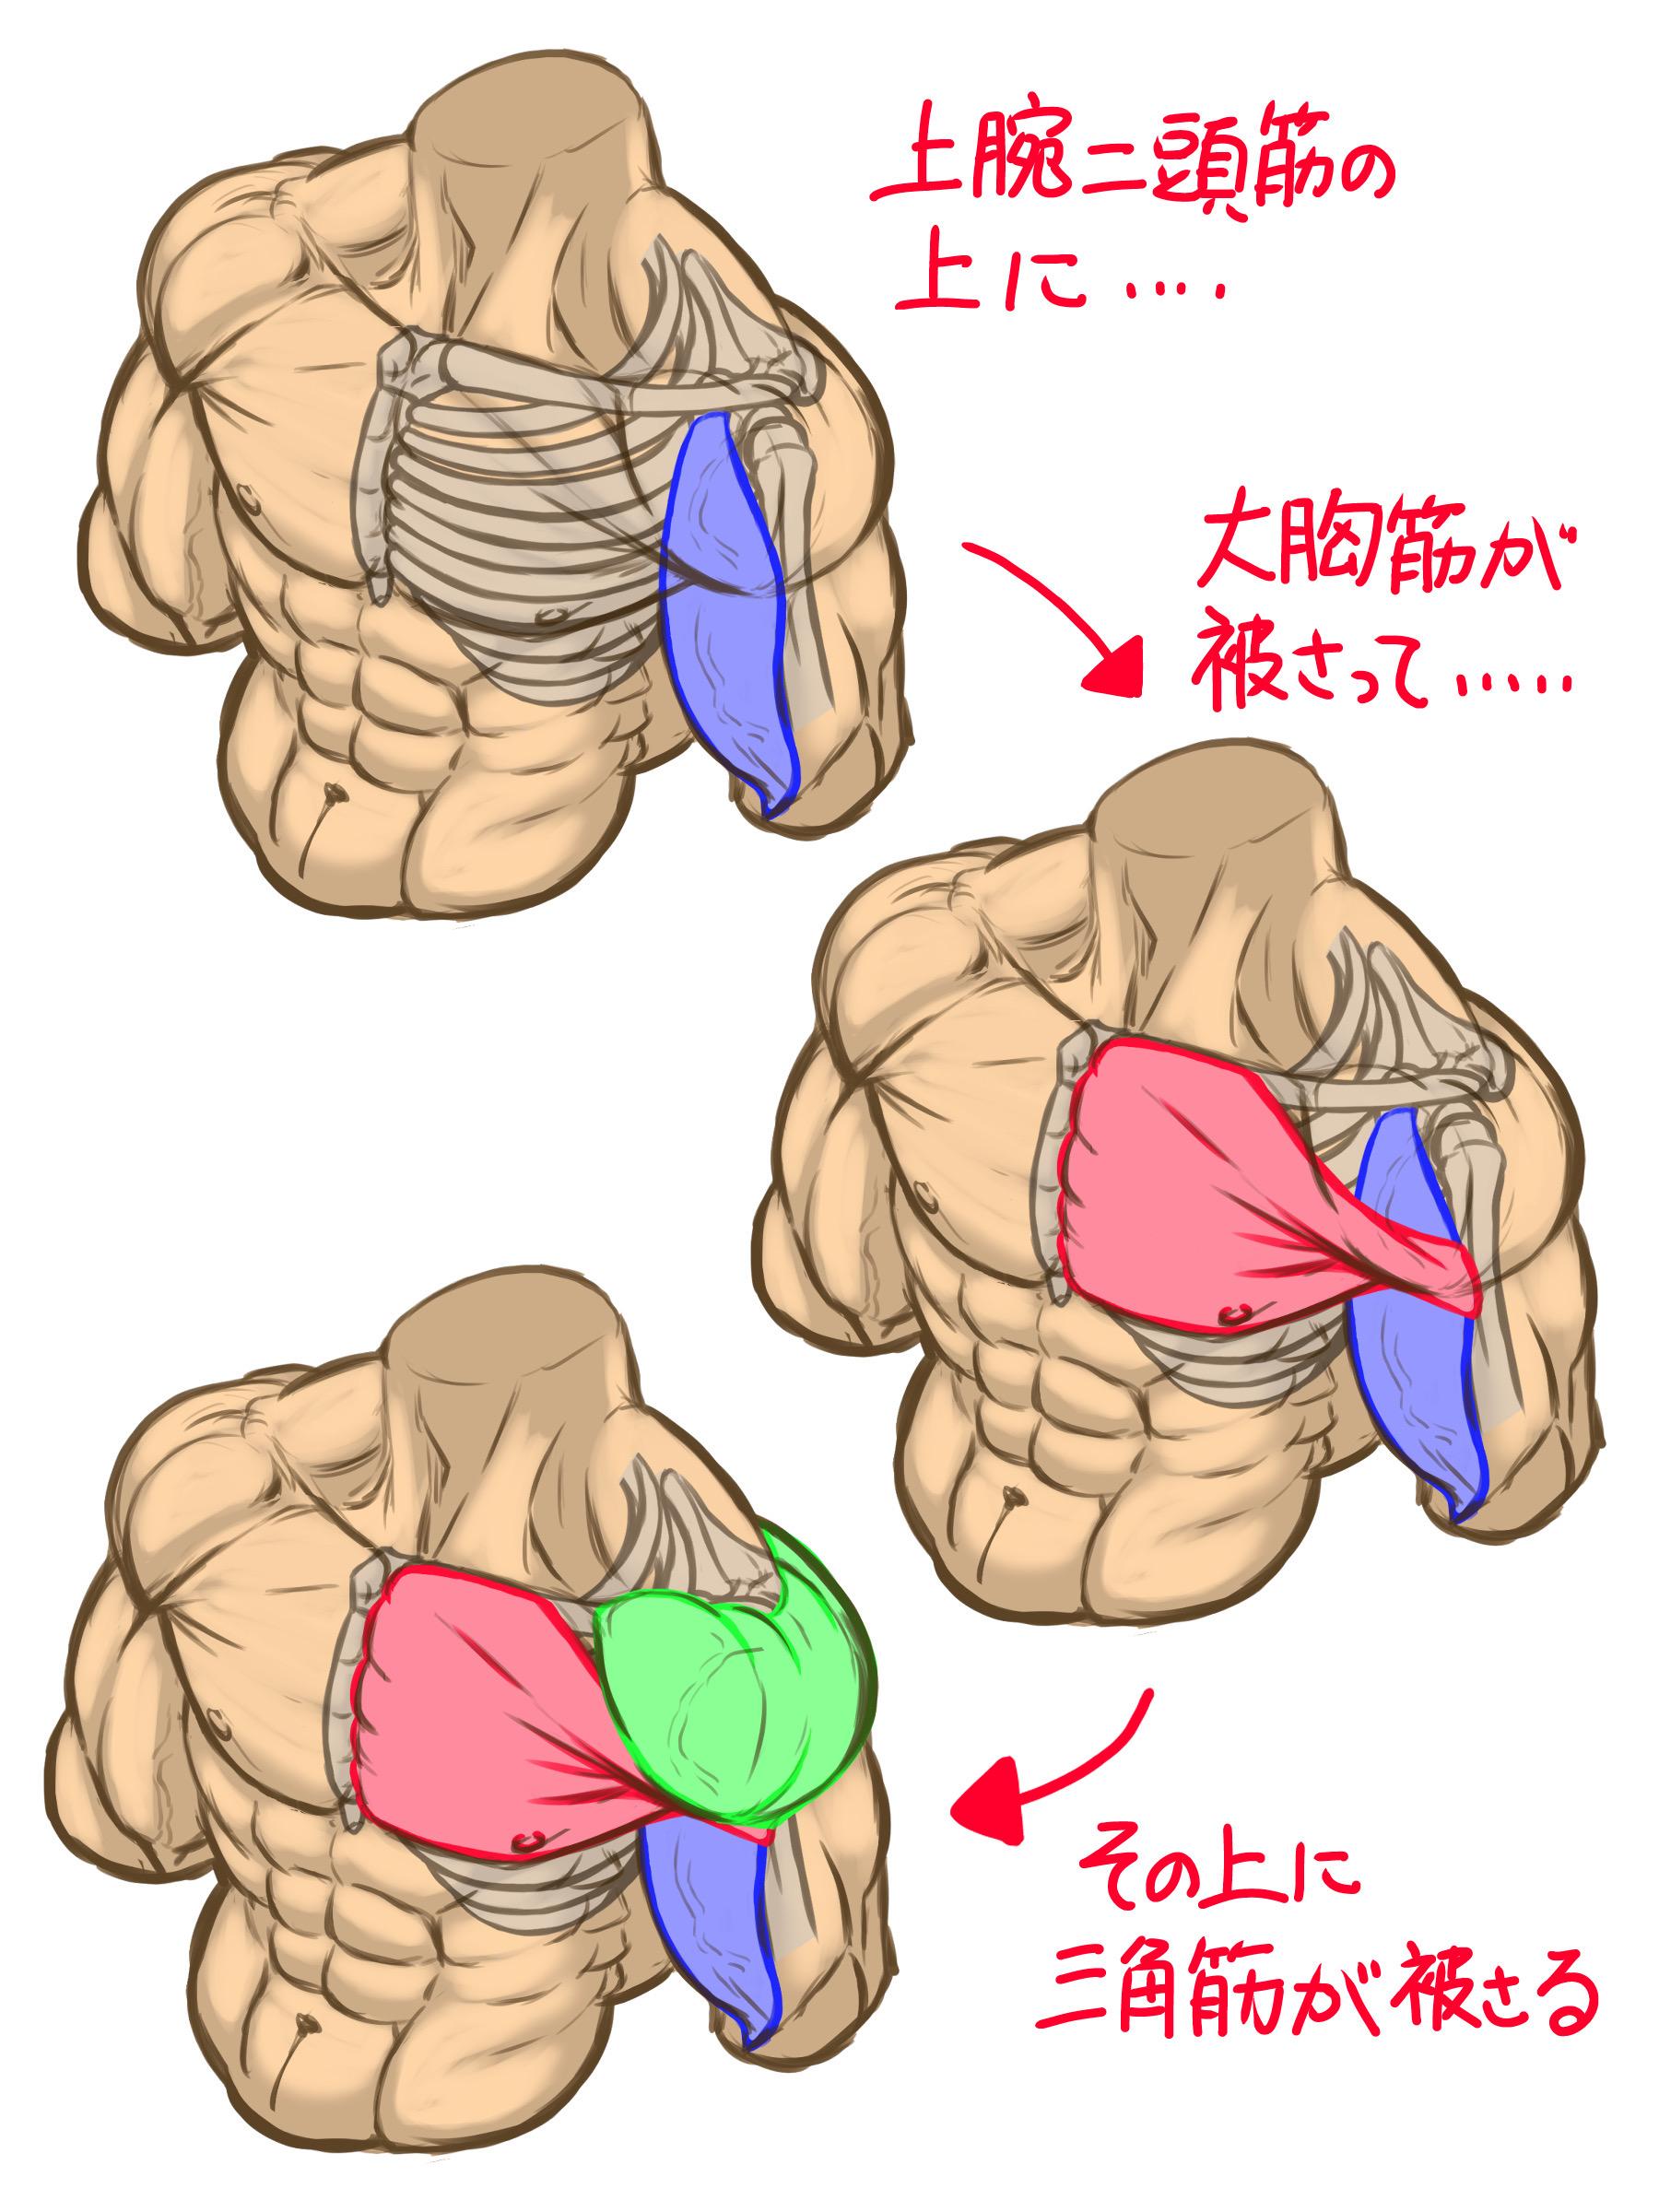 まず、上腕二頭筋の上に上腕骨につながる大胸筋が被さり、その上に三角筋が覆いかぶさっています。なので、大胸筋は常に上腕二頭筋と三角筋に挟まれて動くことになります。